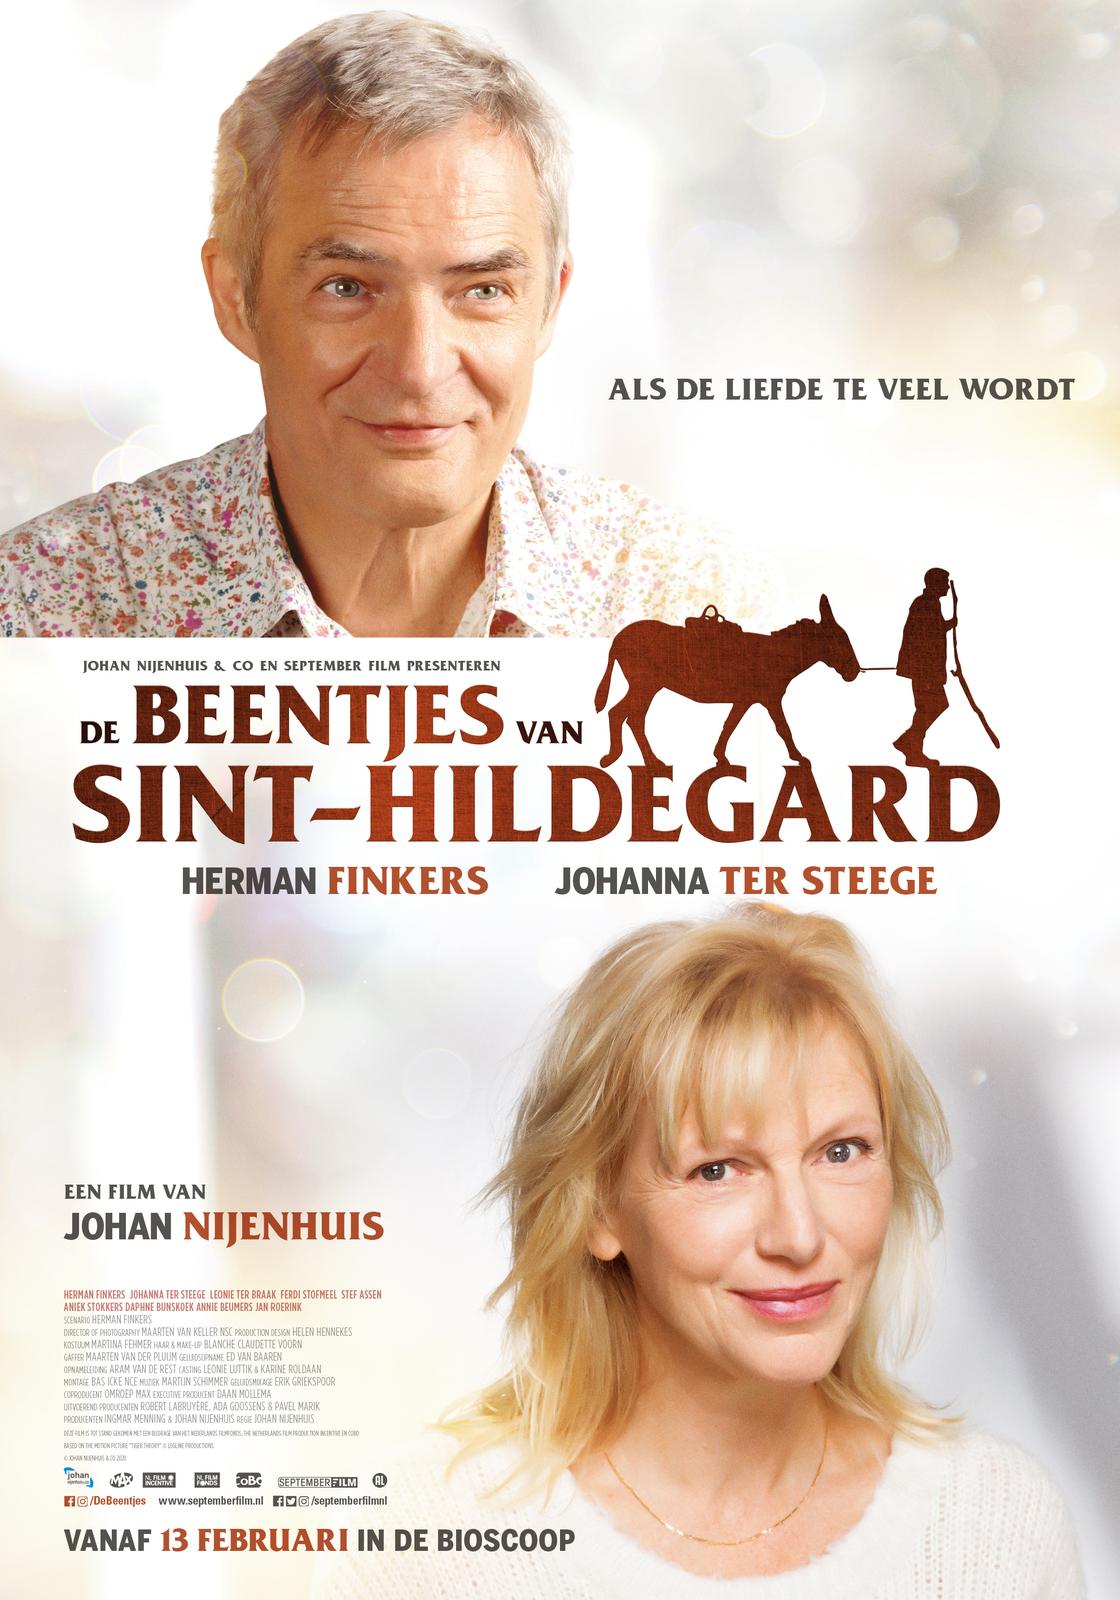 Herman Finkers and Johanna ter Steege in De beentjes van Sint-Hildegard (2020)